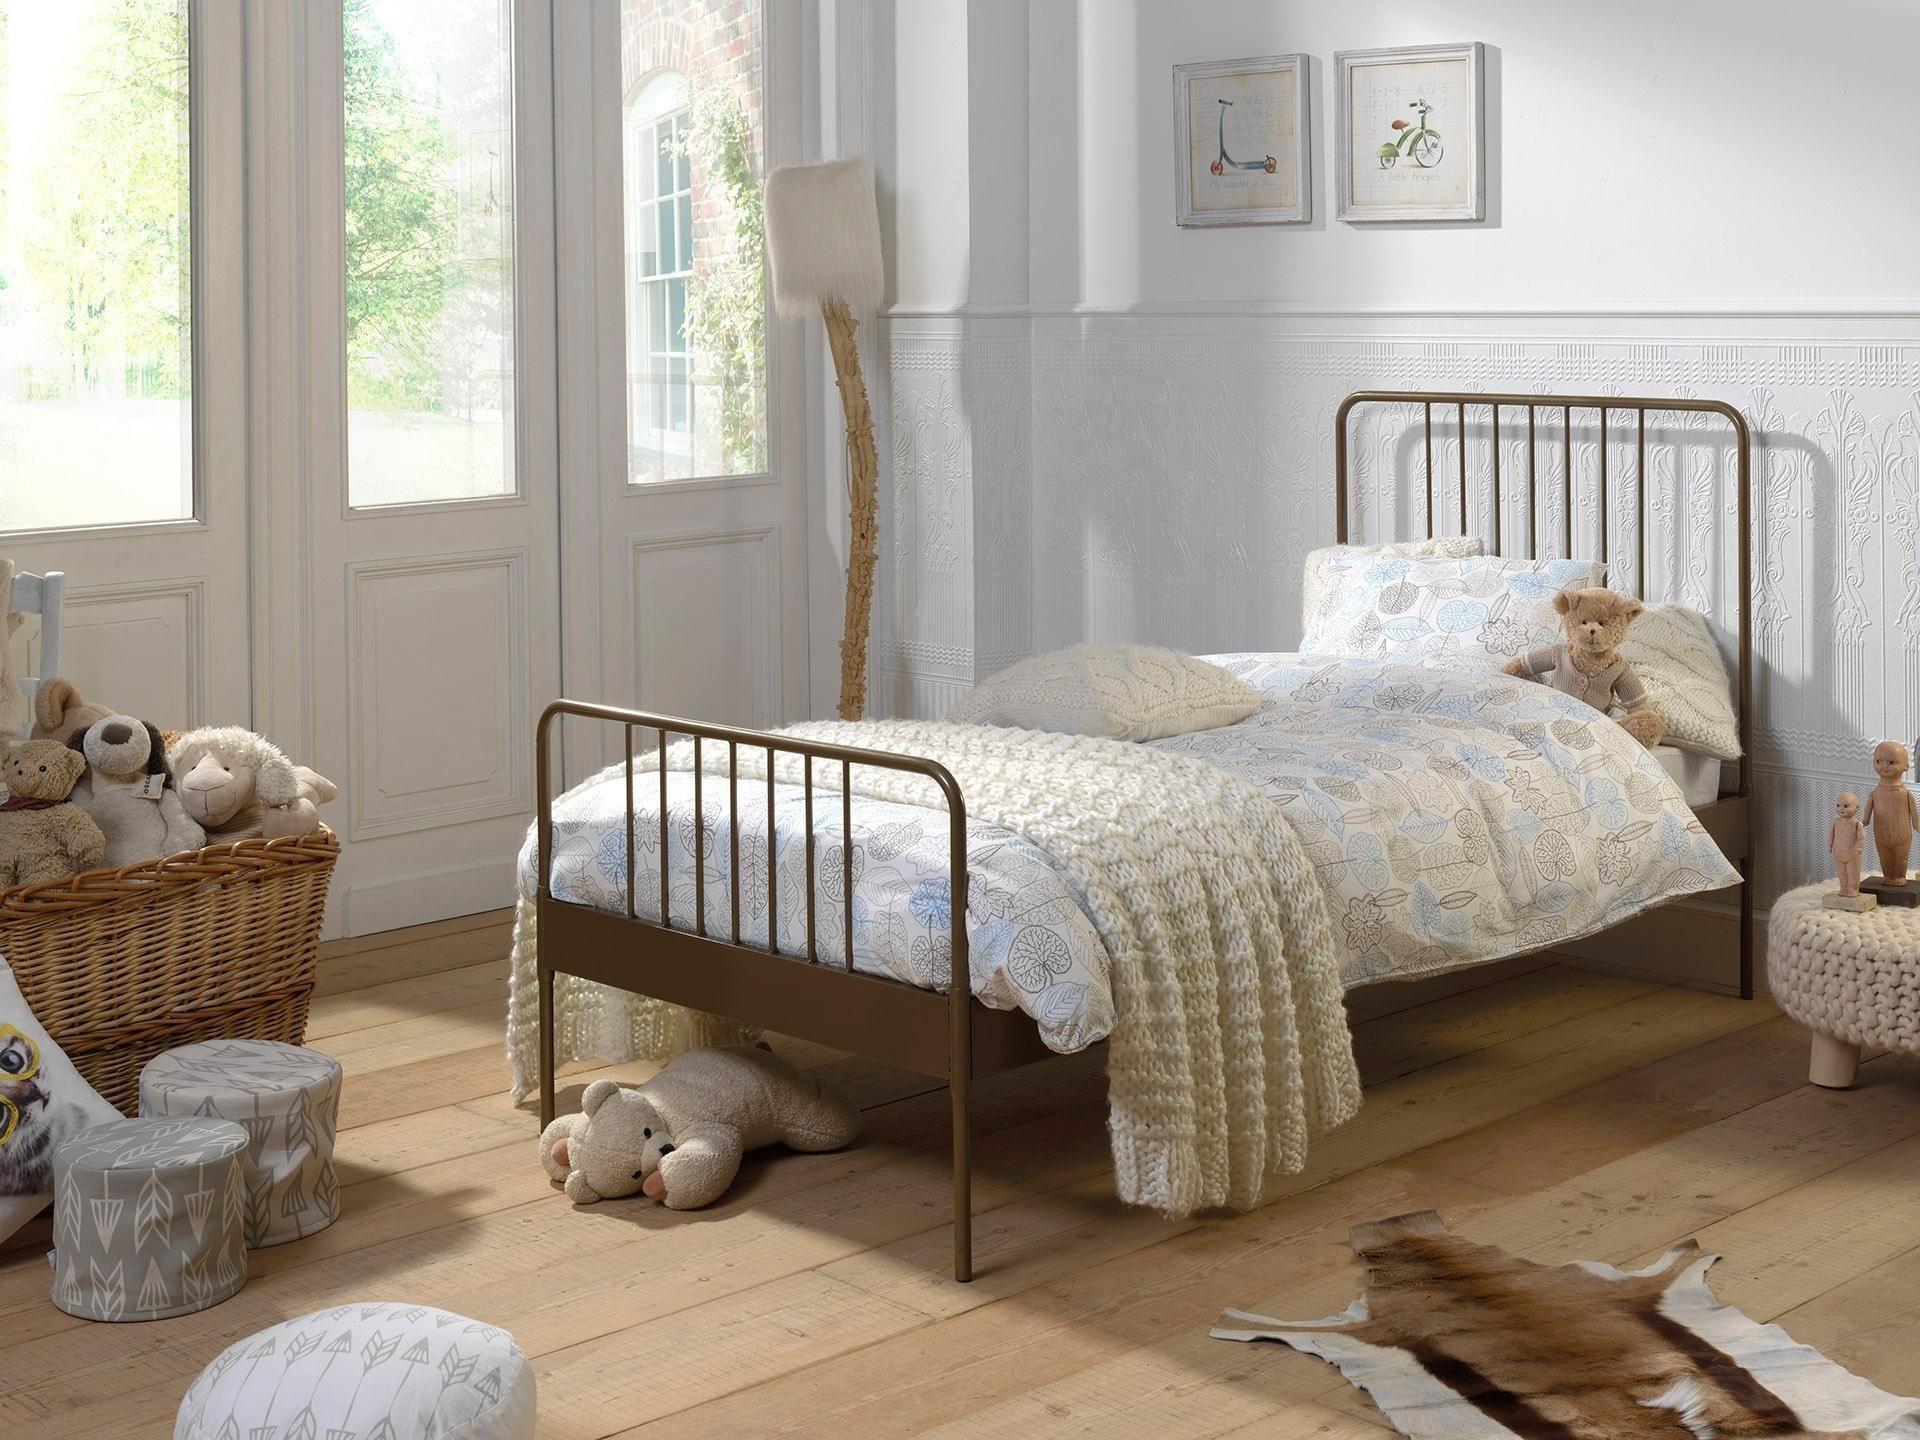 metallbett 140x200 preisvergleich die besten angebote online kaufen. Black Bedroom Furniture Sets. Home Design Ideas